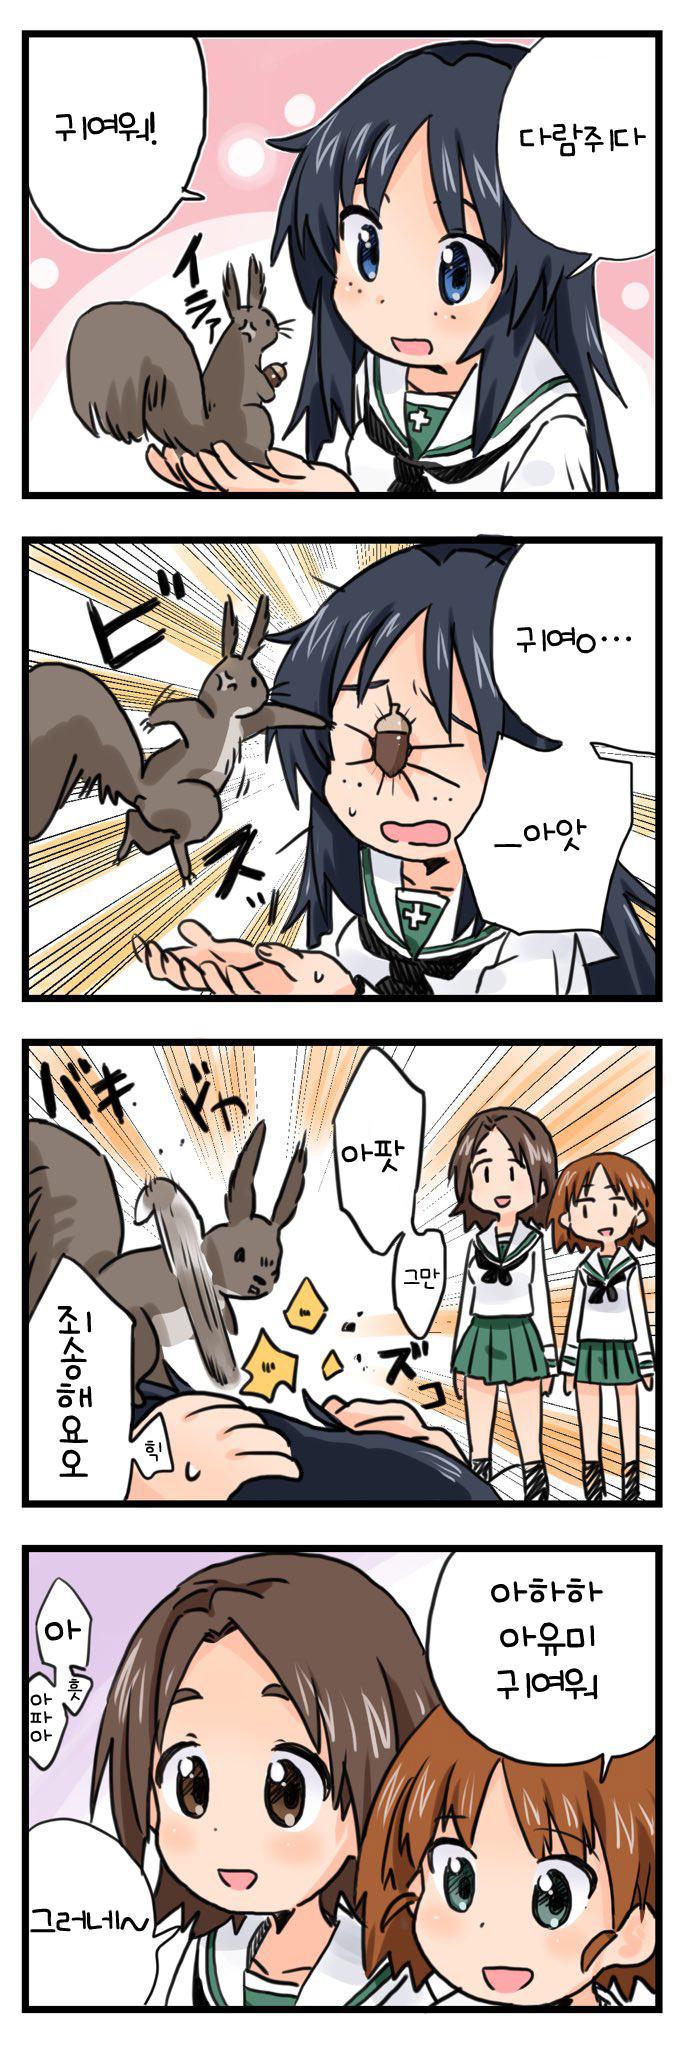 [걸즈&판처]난 다람쥐가 아냐!